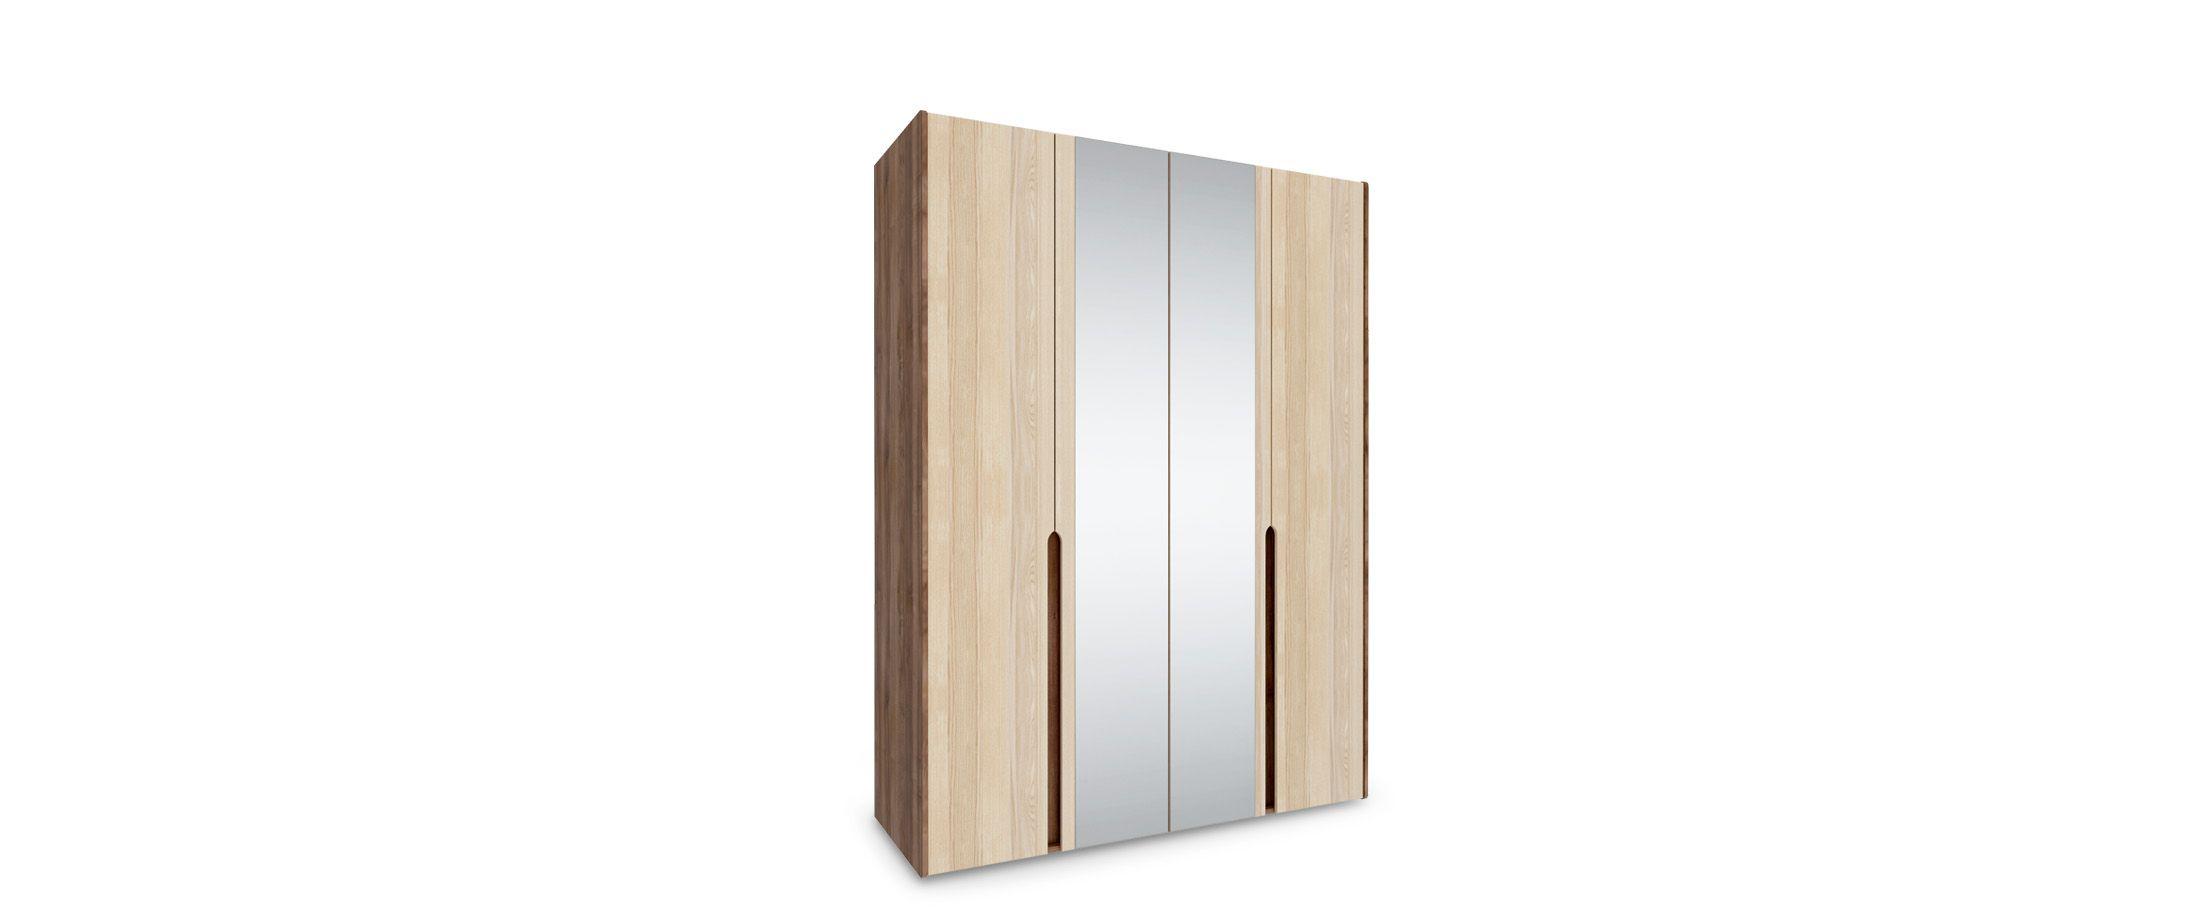 Шкаф 4-дверный с зеркалом РебеккаШкаф 4-дверный с зеркалом Ребекка  Модель 292. Артикул Ш000080.<br>